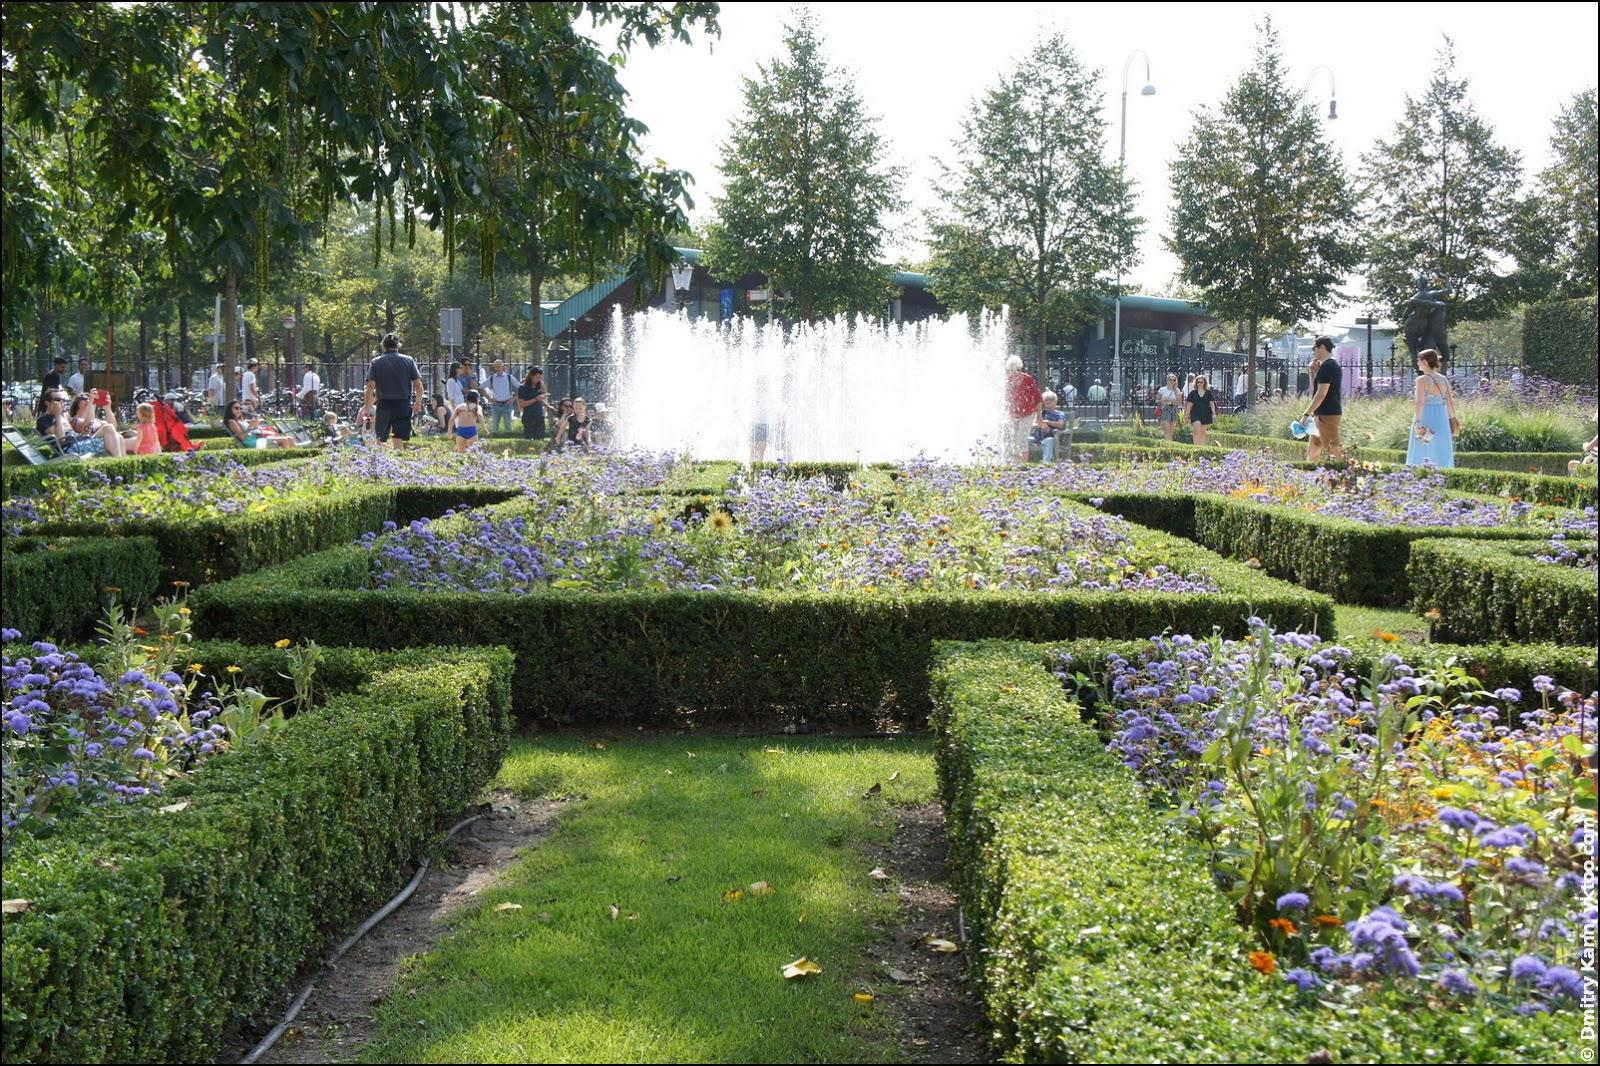 Rijksmuseum/Museumplein.